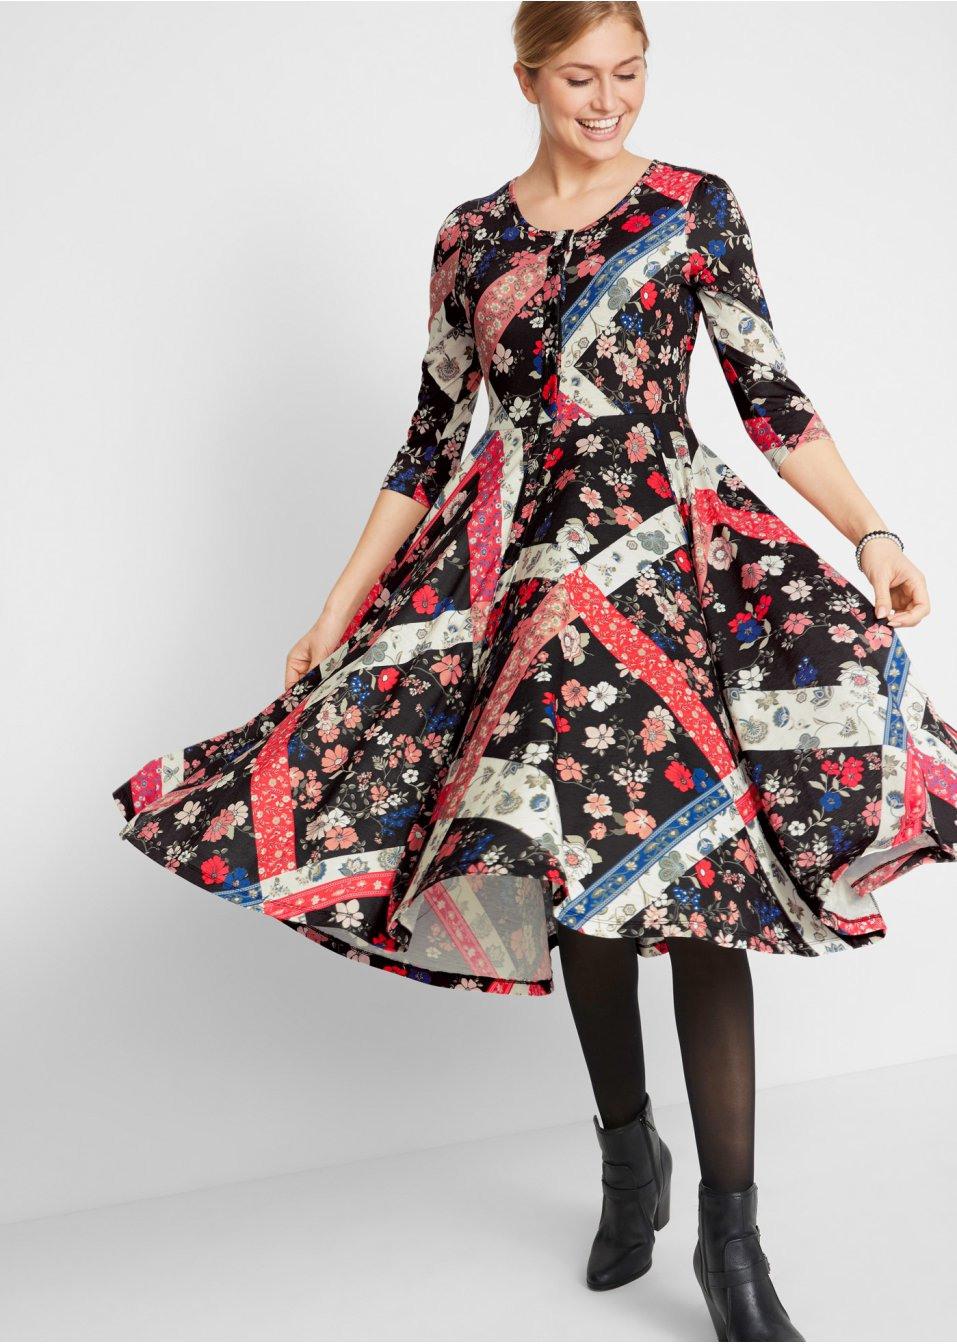 Kleid  Designt Von Maite Kelly Schwarz Gemustert  Bpc